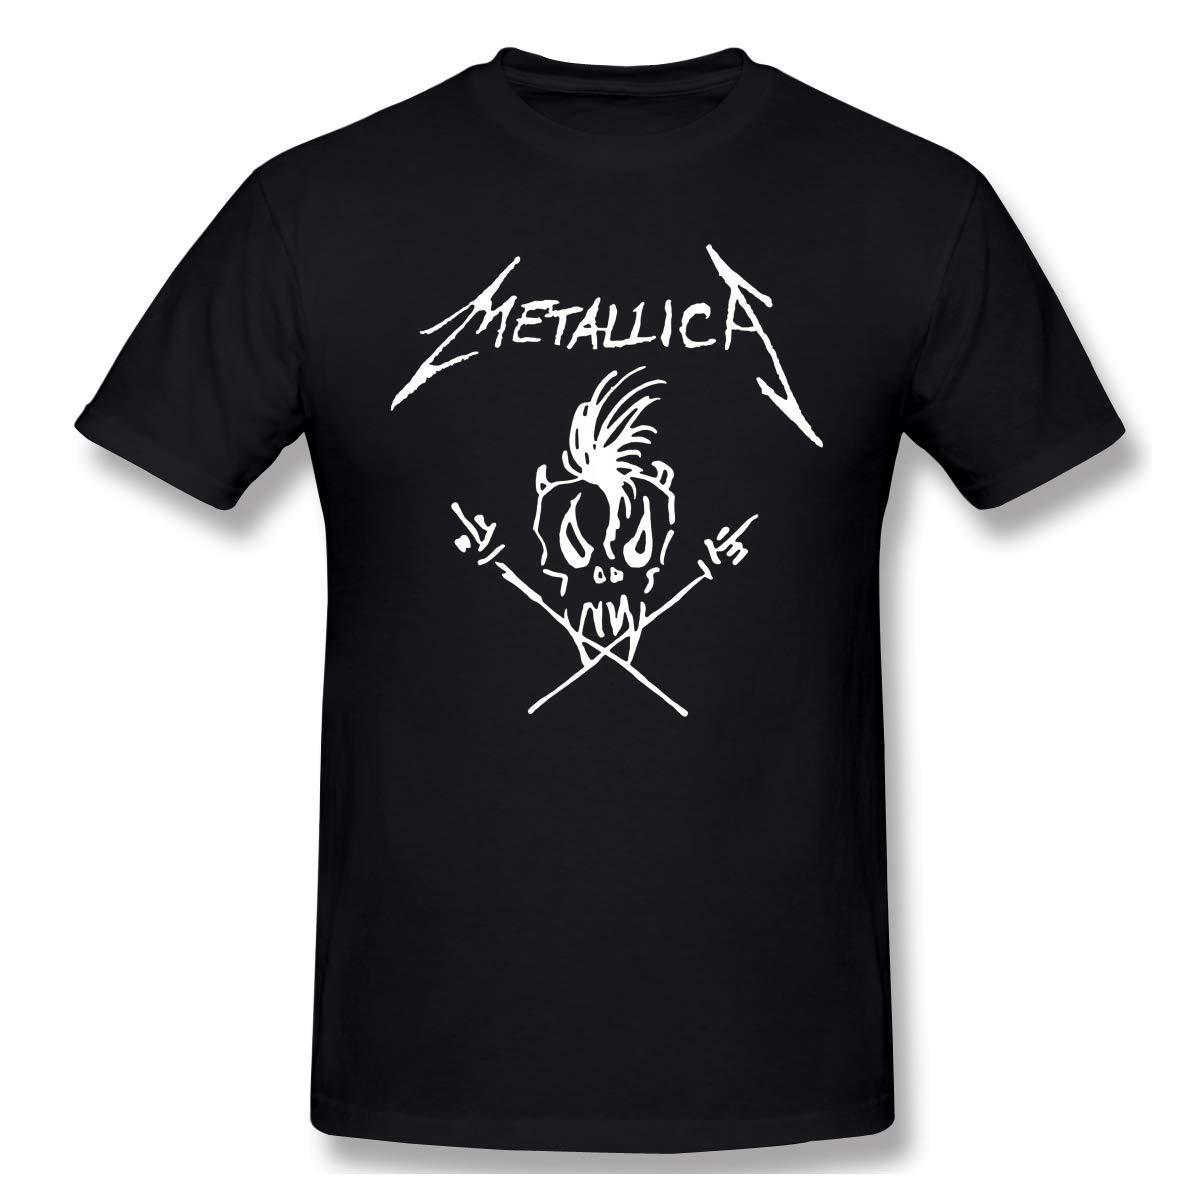 Mens Vintage Metallica Tshirt 4XL Black